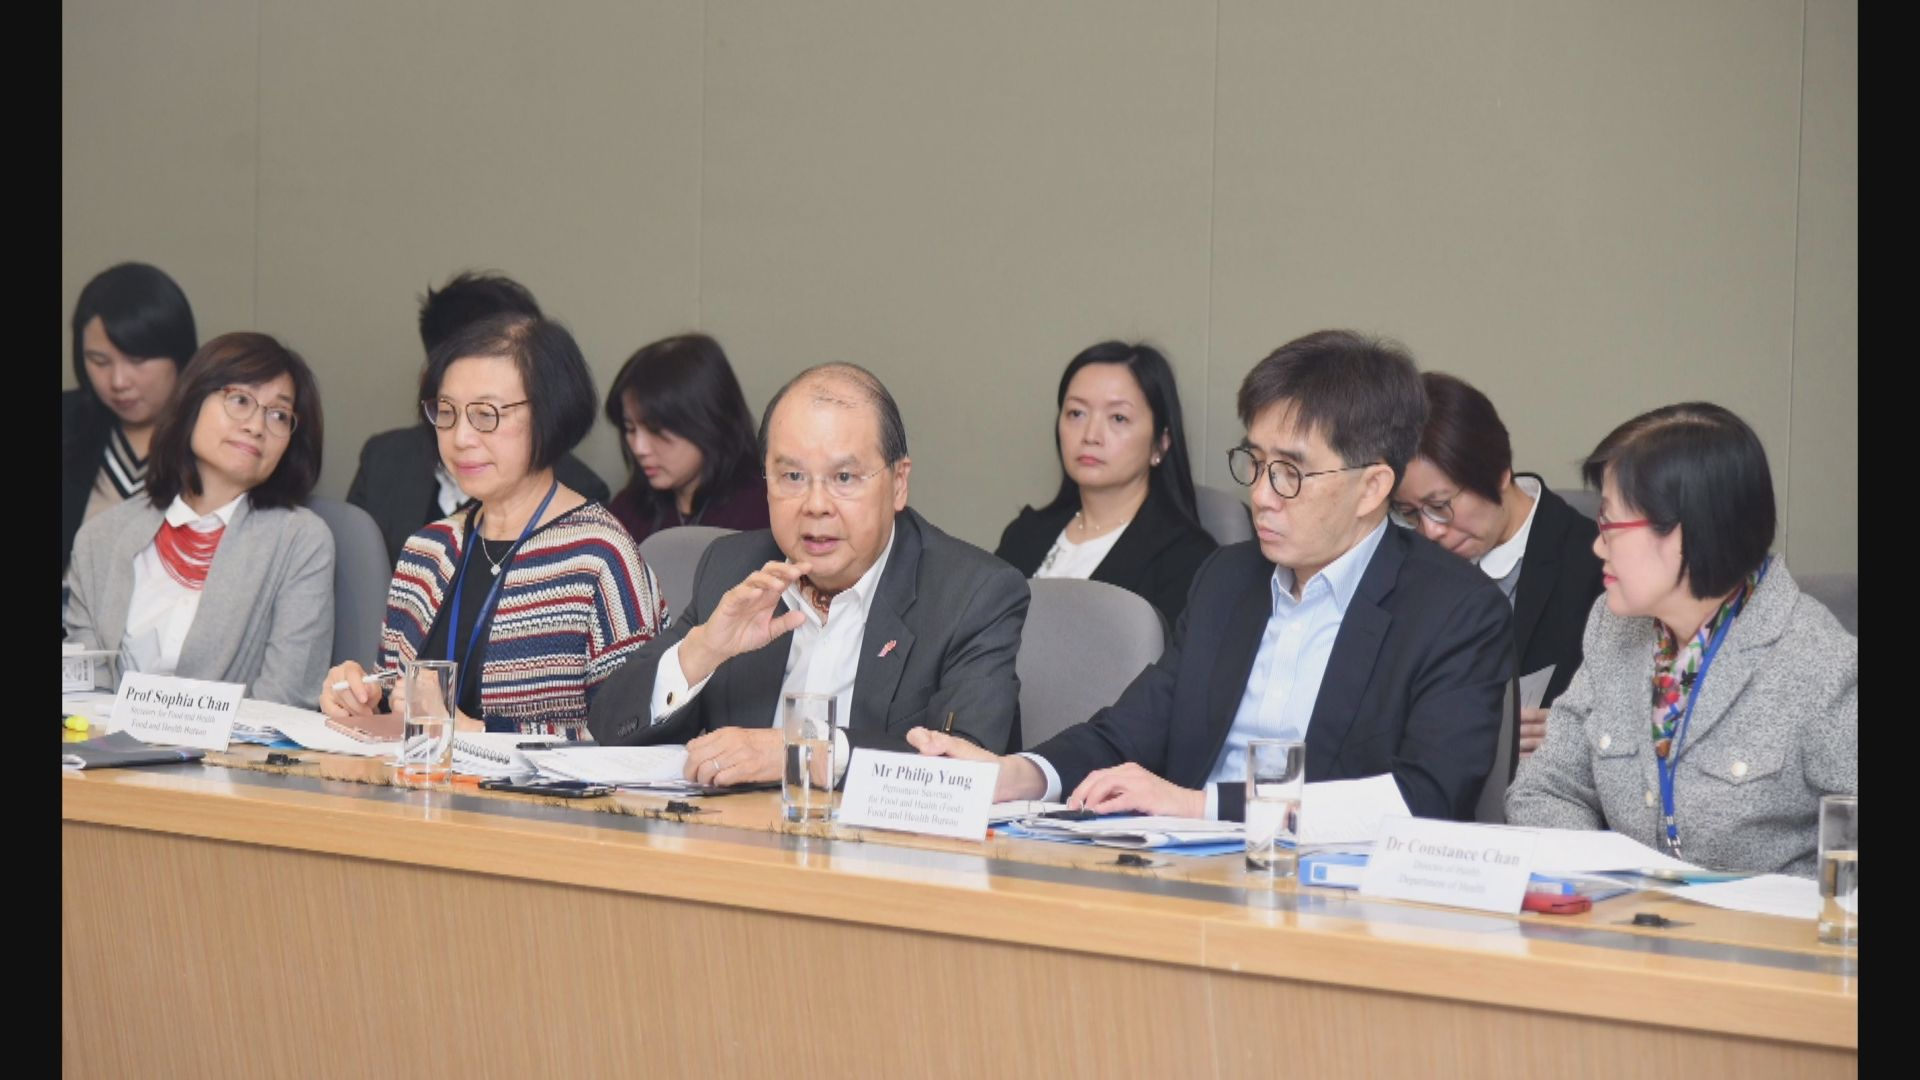 張建宗:政府以最大決心努力與市民打「抗疫戰」